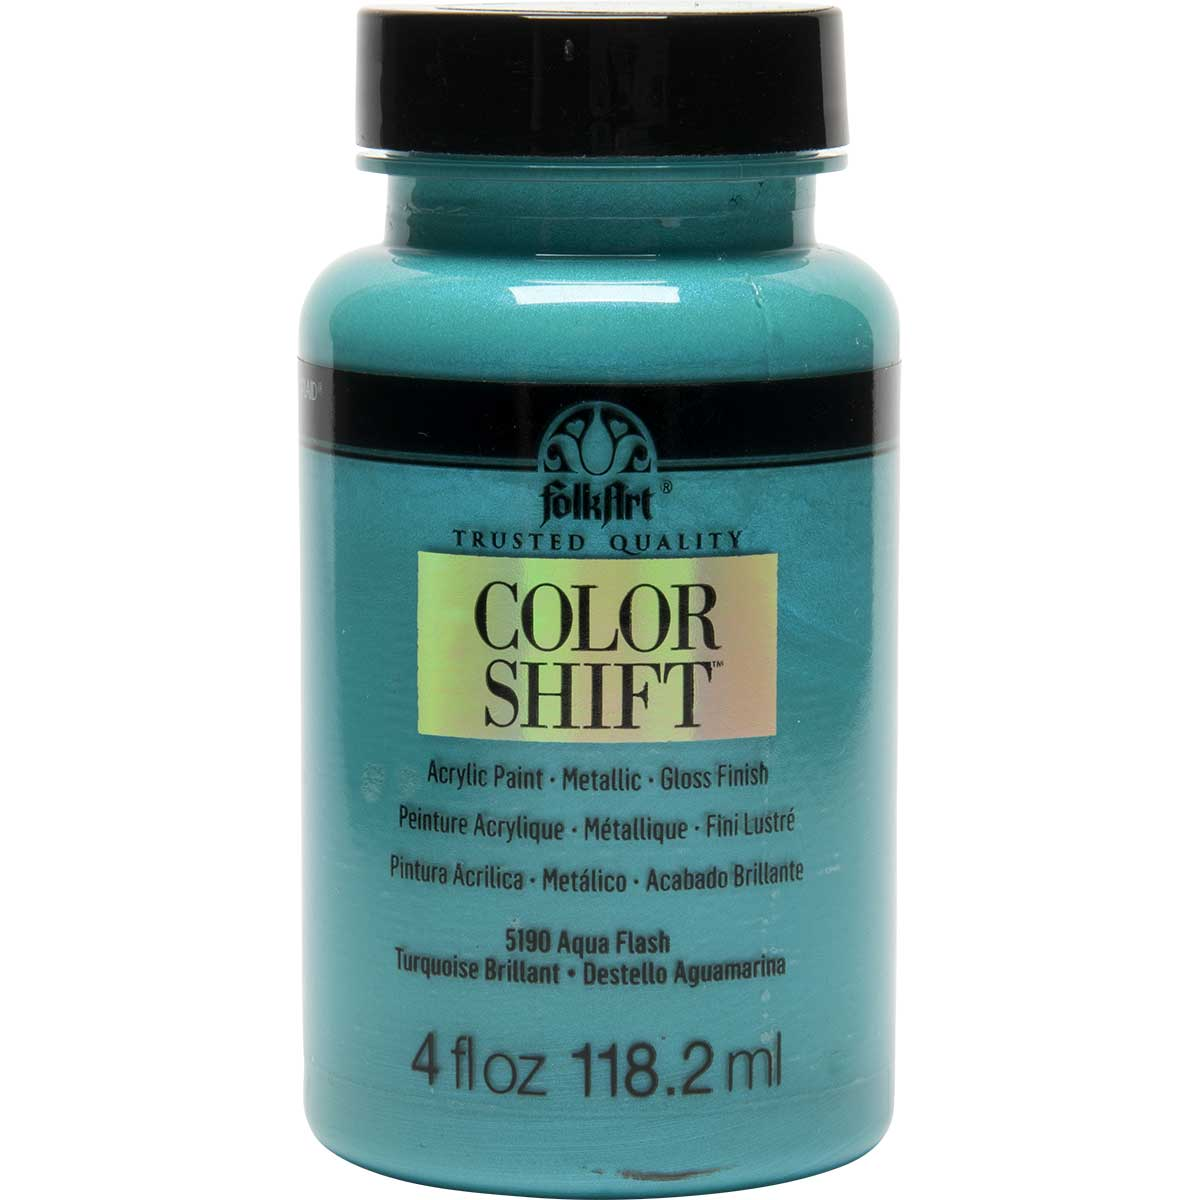 FolkArt ® Color Shift™ Acrylic Paint - Aqua Flash, 4 oz.